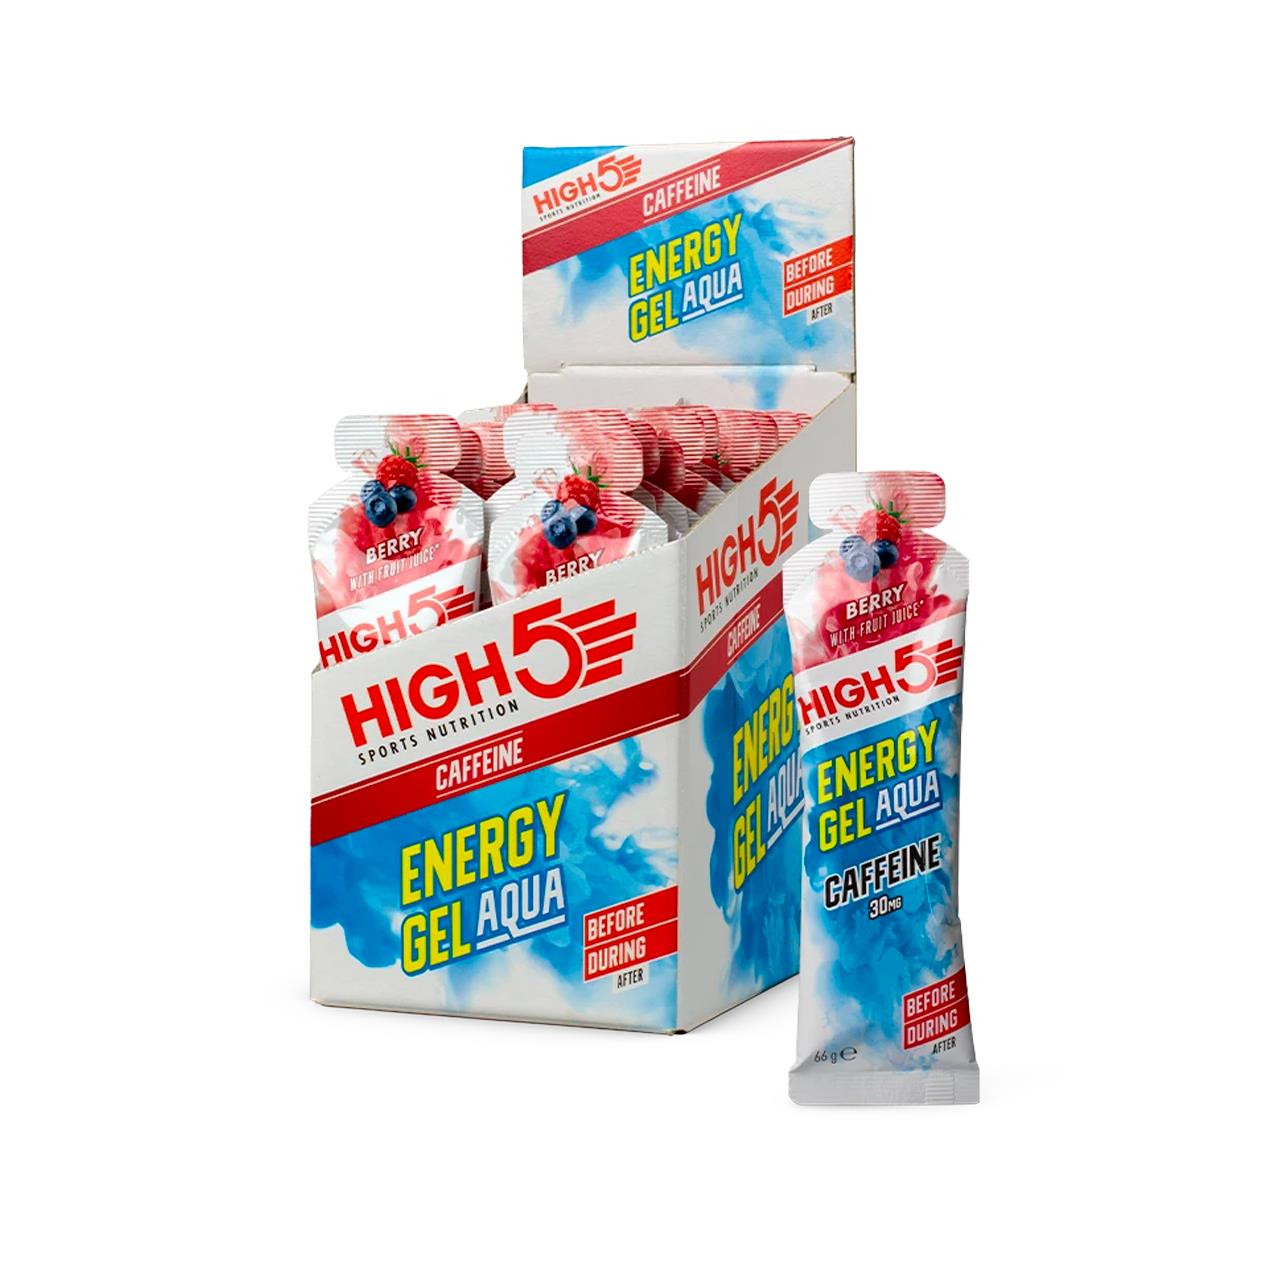 High 5 Energy Gell Aqua+Caffeine, 20 Pack (Berry)